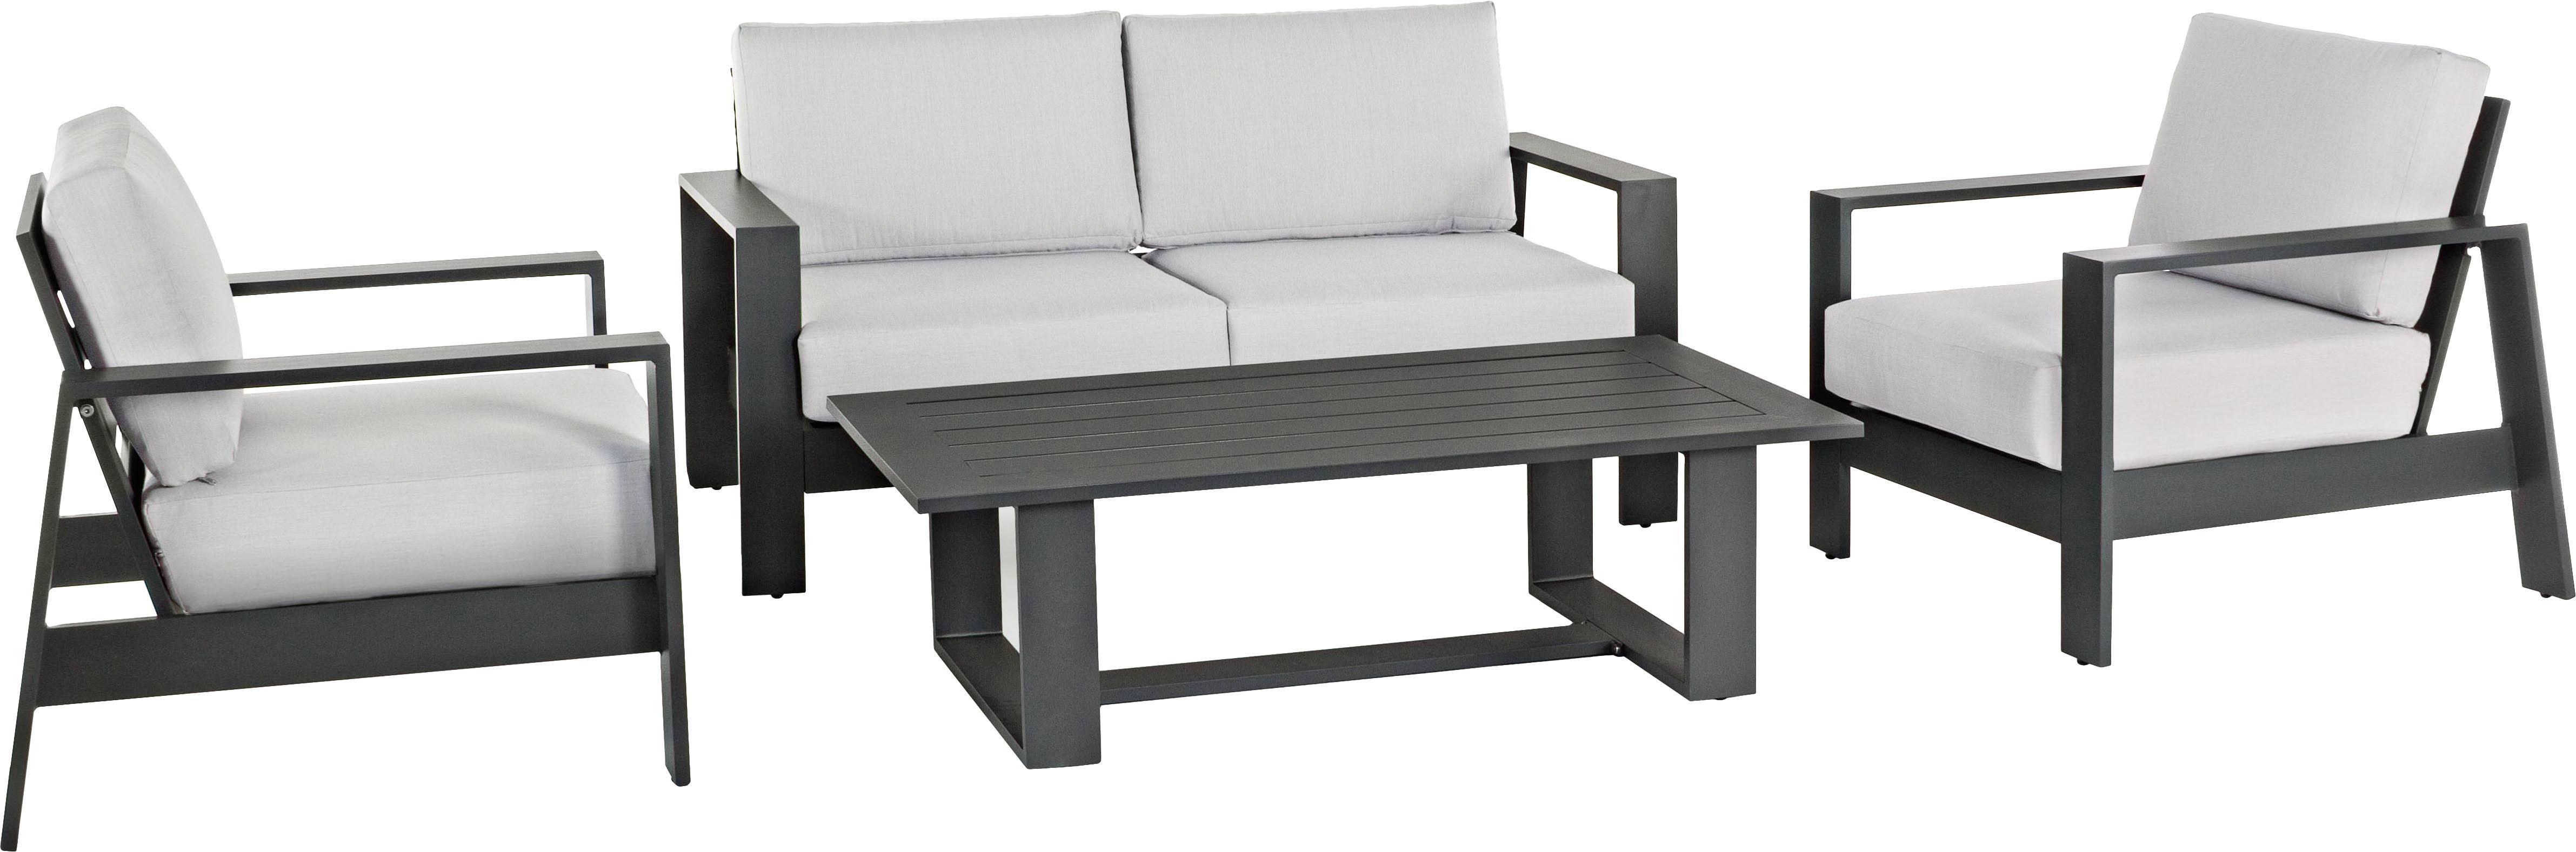 Garten-Lounge-Set Atlantic, 4-tlg., Gestell: Aluminium, pulverbeschich, Bezug: Polyester, Anthrazit, Hellgrau, Set mit verschiedenen Grössen